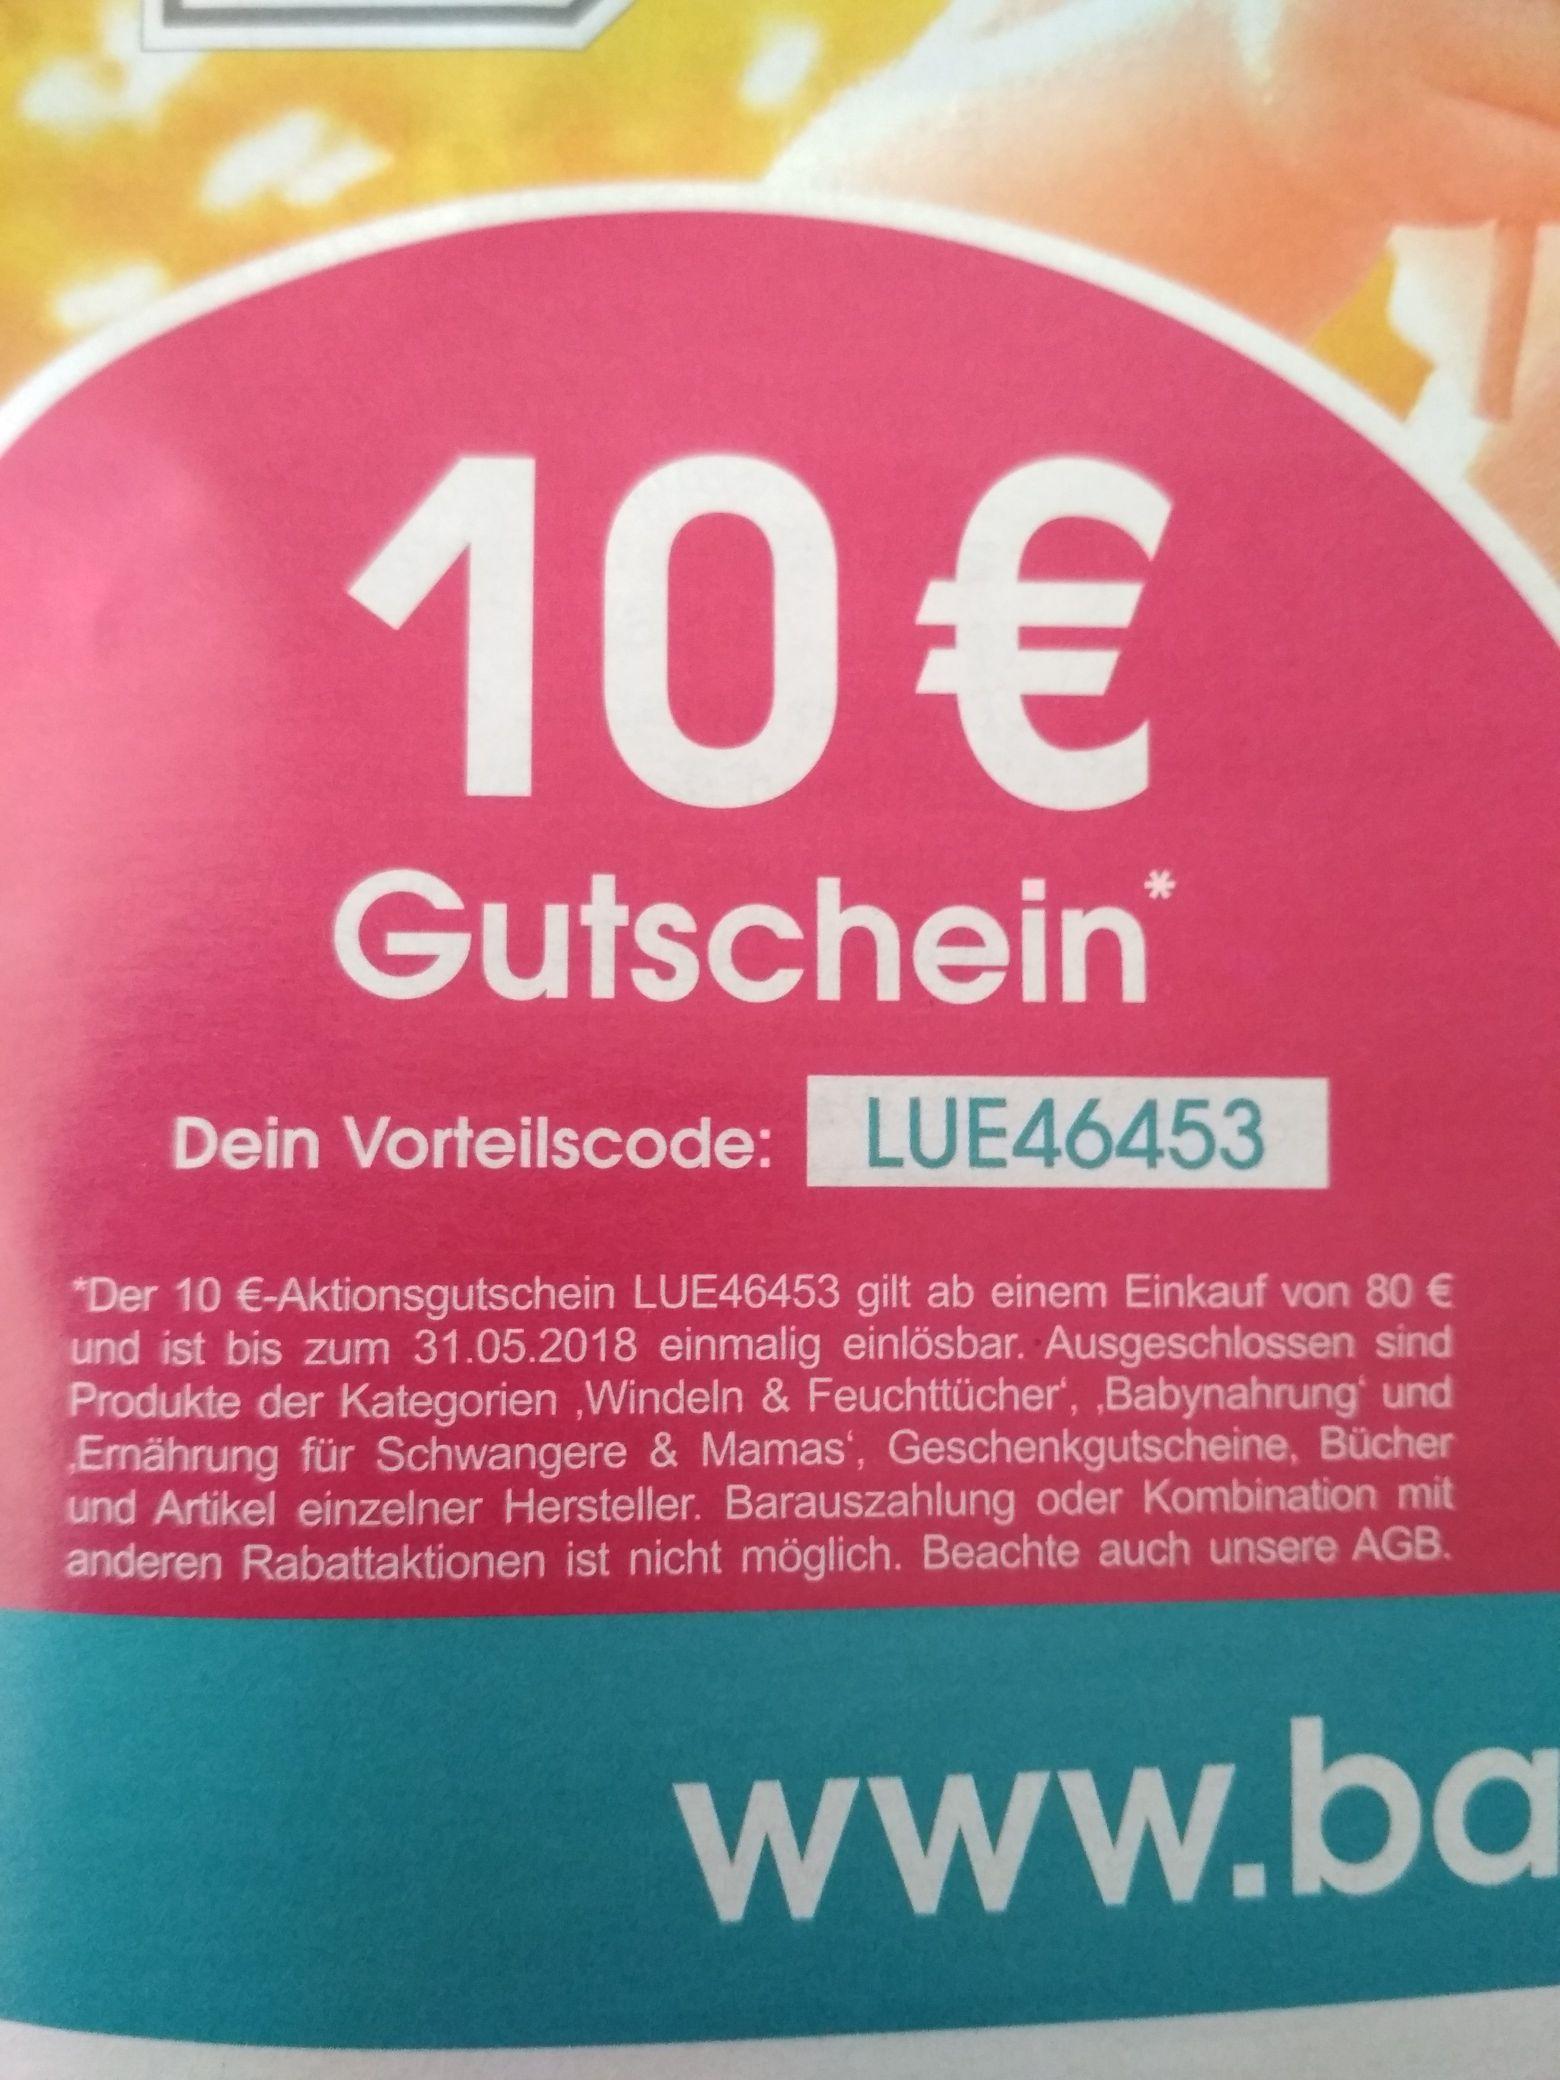 Babymarkt.de 10€ Gutschein - MBW  80€